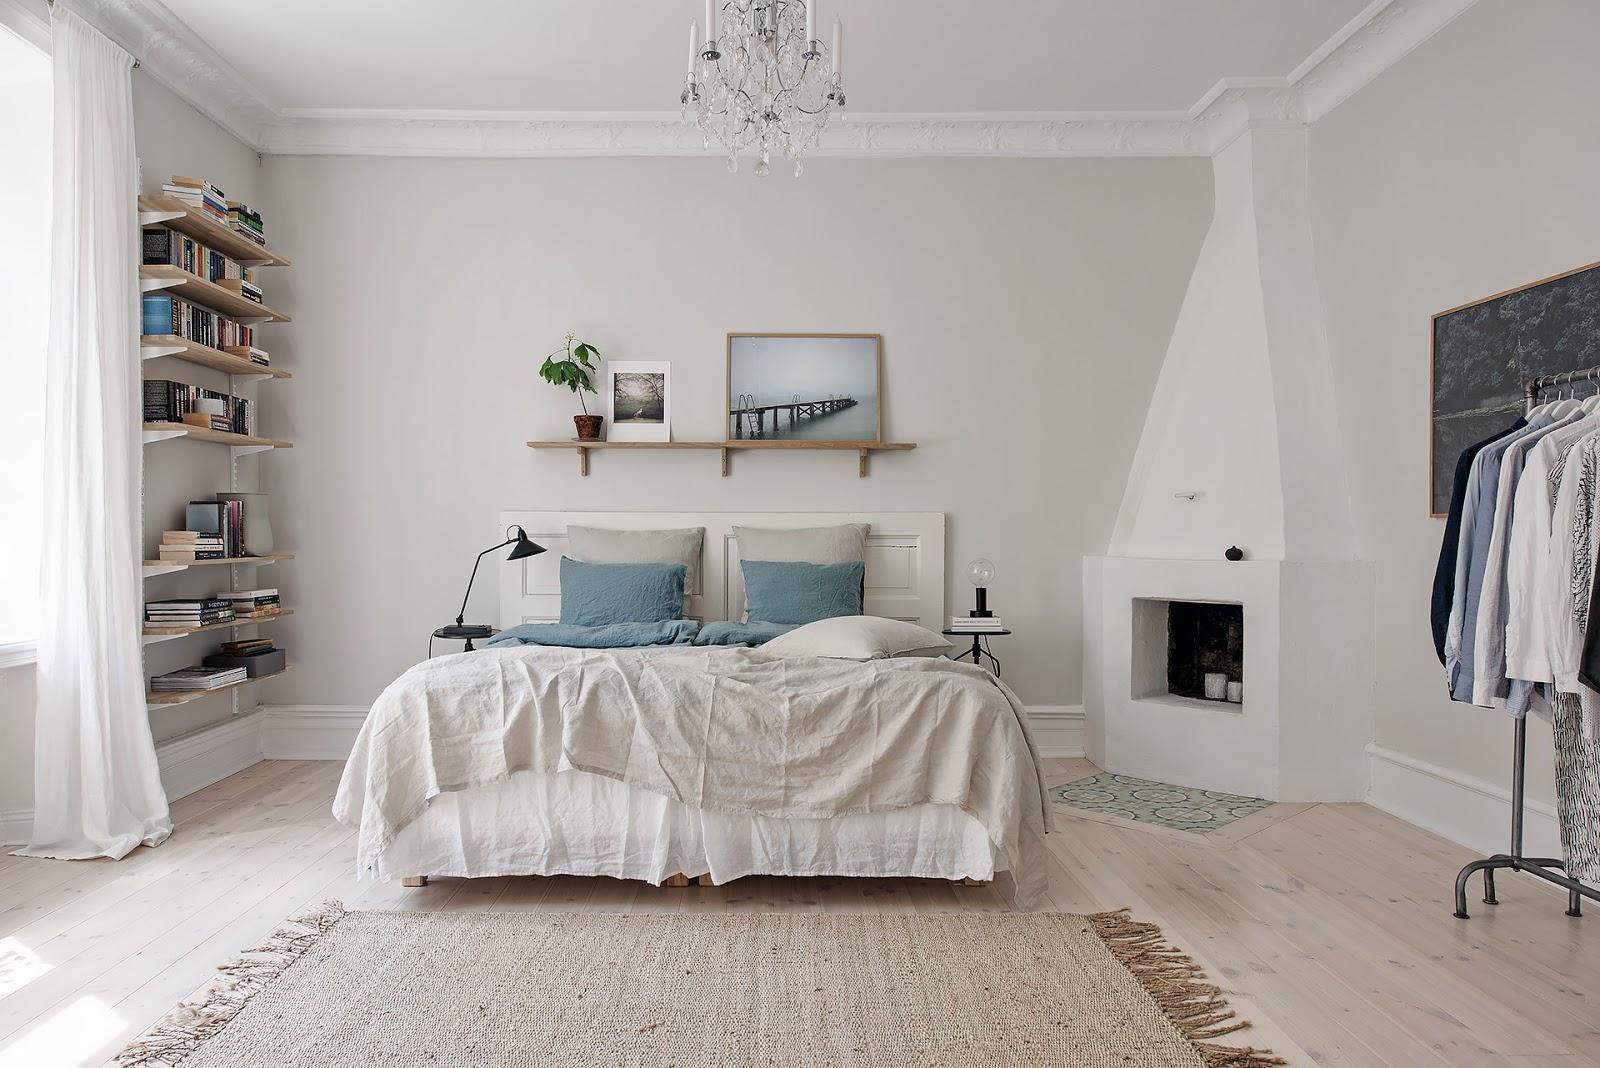 Amenajare interioară scandinavă pentru un apartament de 102 m²